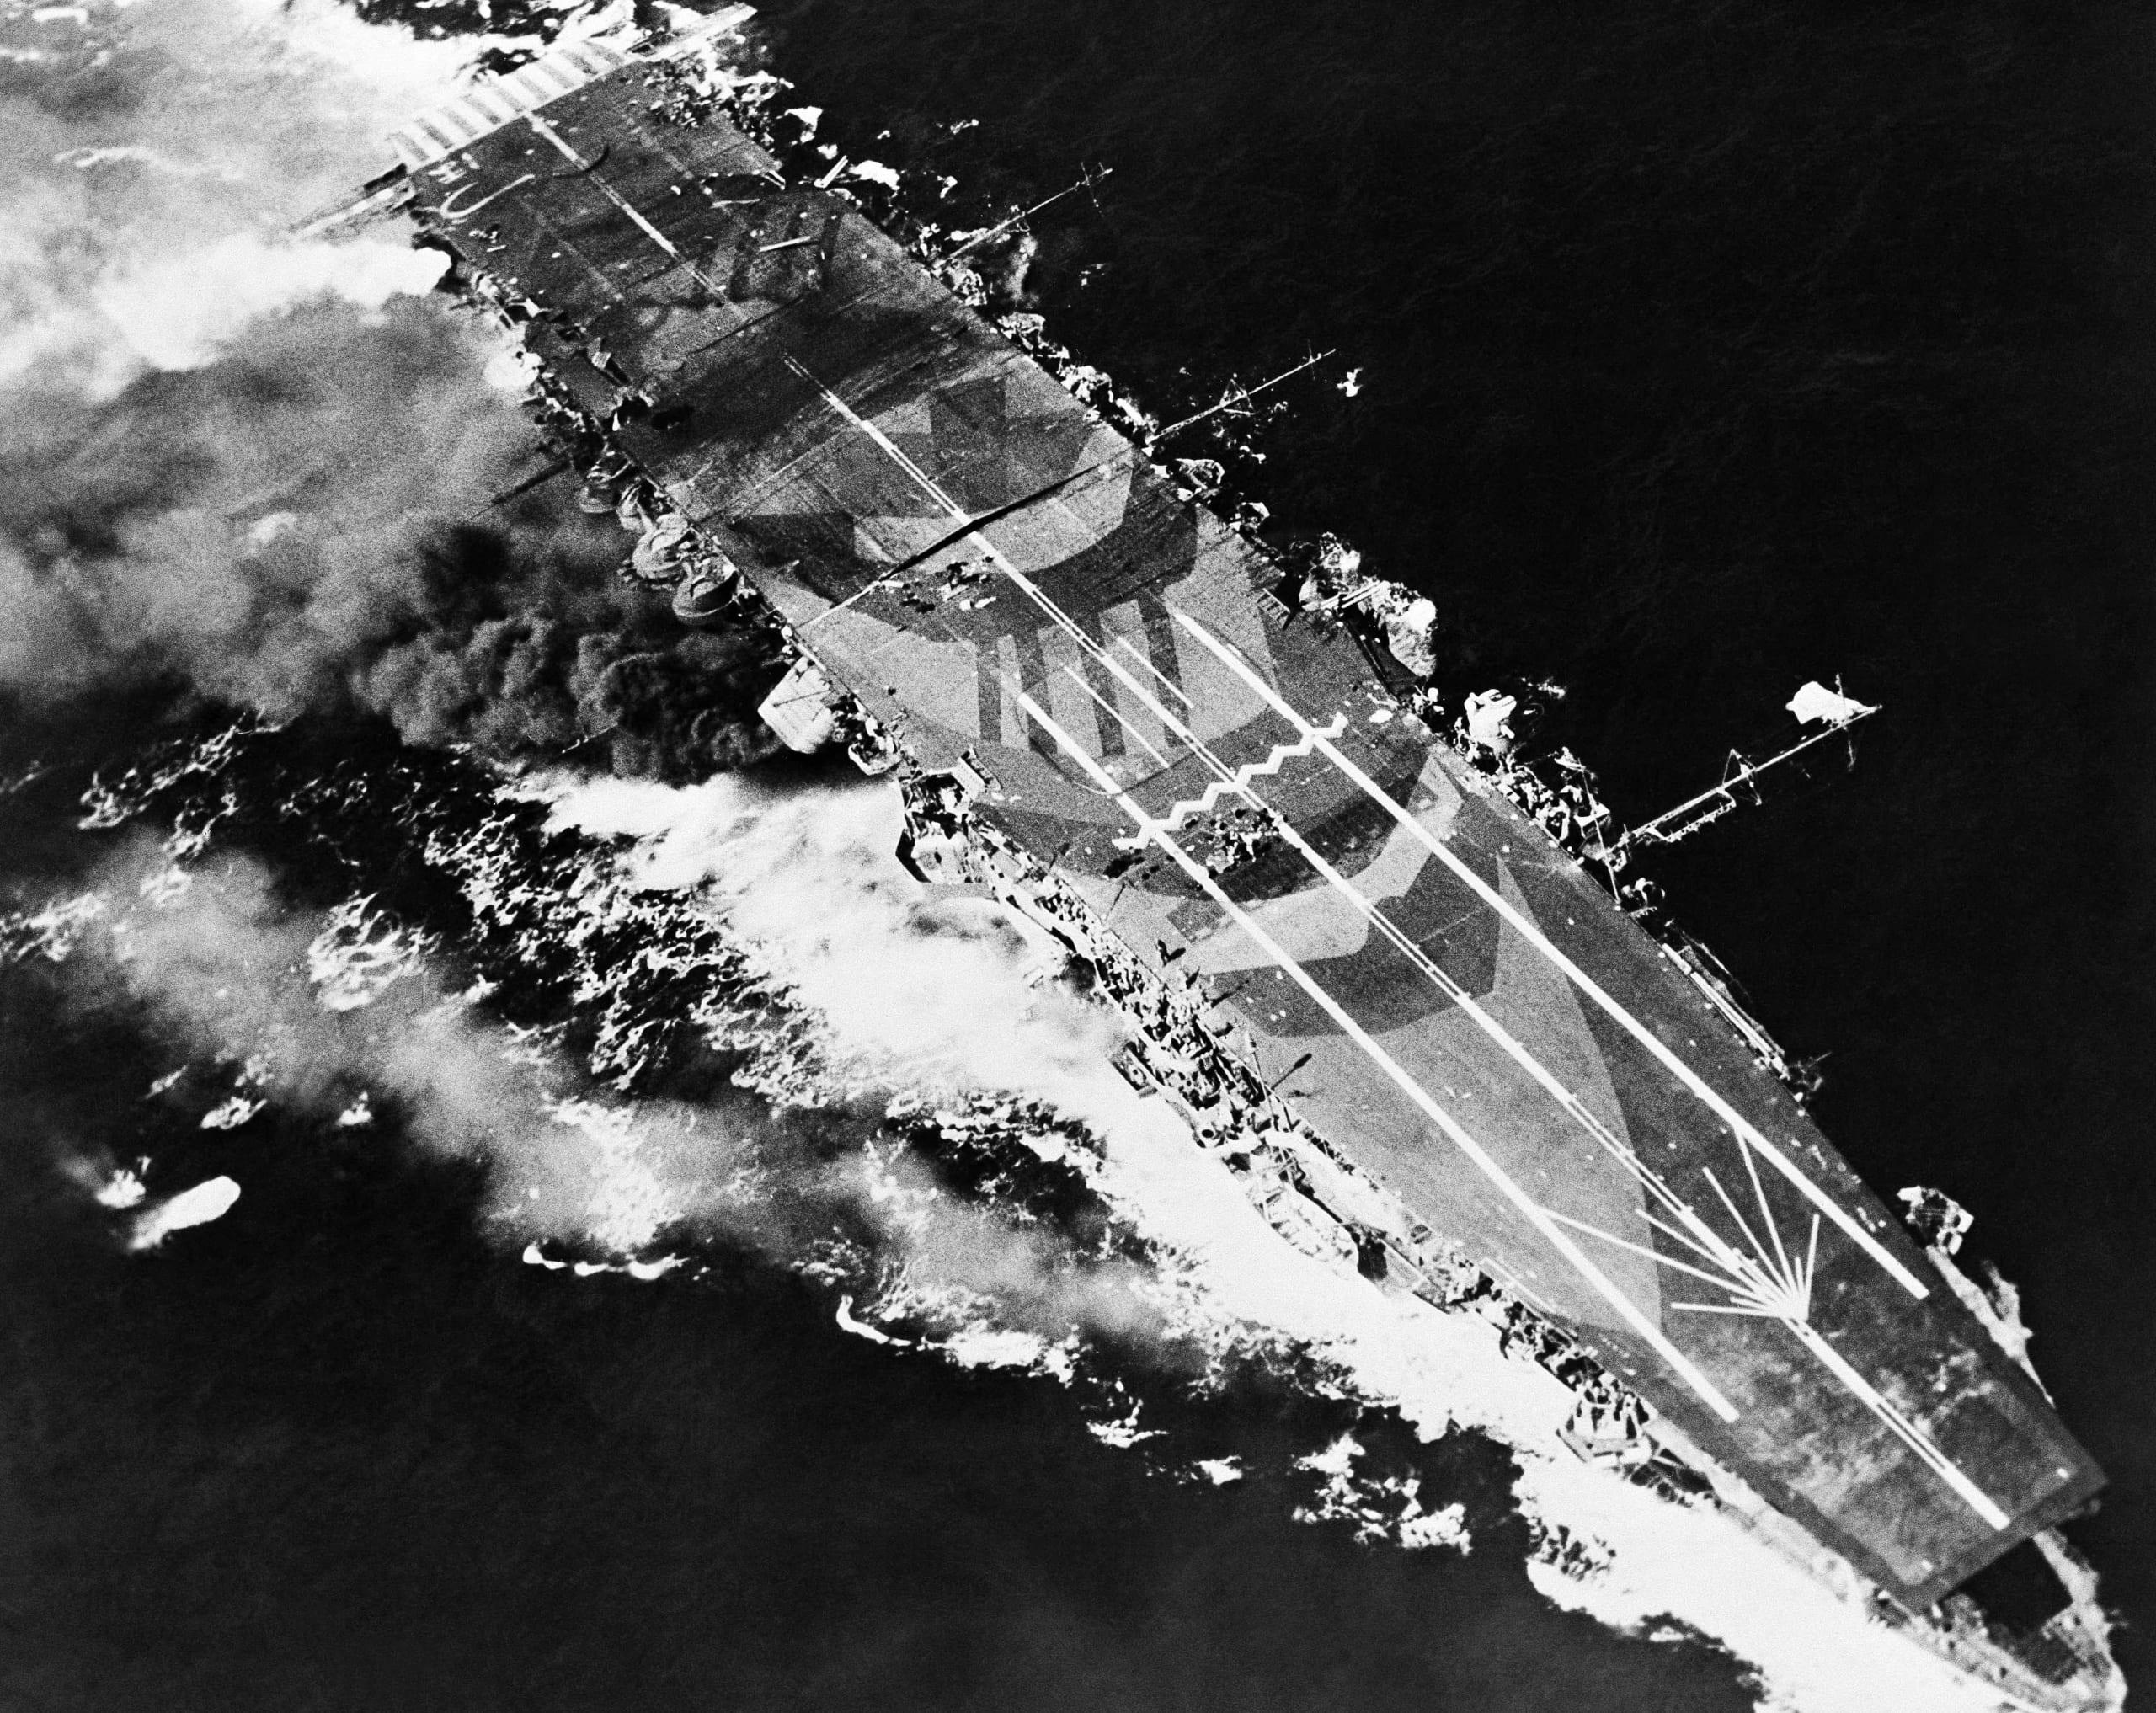 米軍の次なる目標はフィリピンか台湾<br />